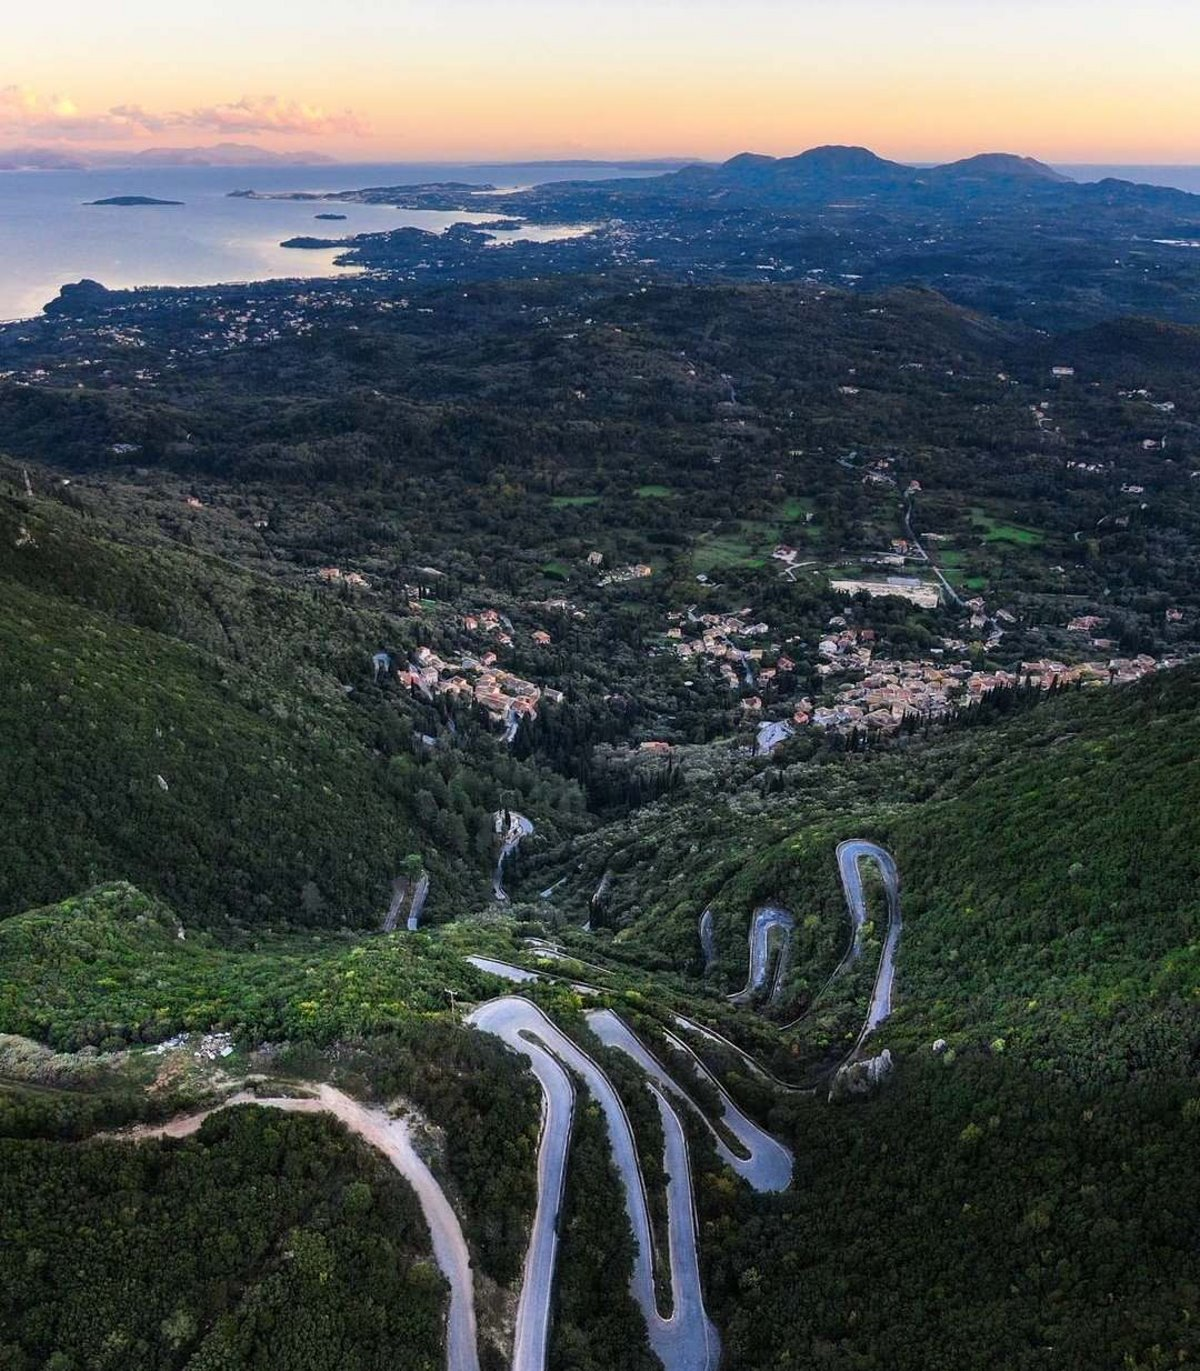 Κέρκυρα όμορφα ορεινά χωριά όπως το Σωκράκι από ψηλά